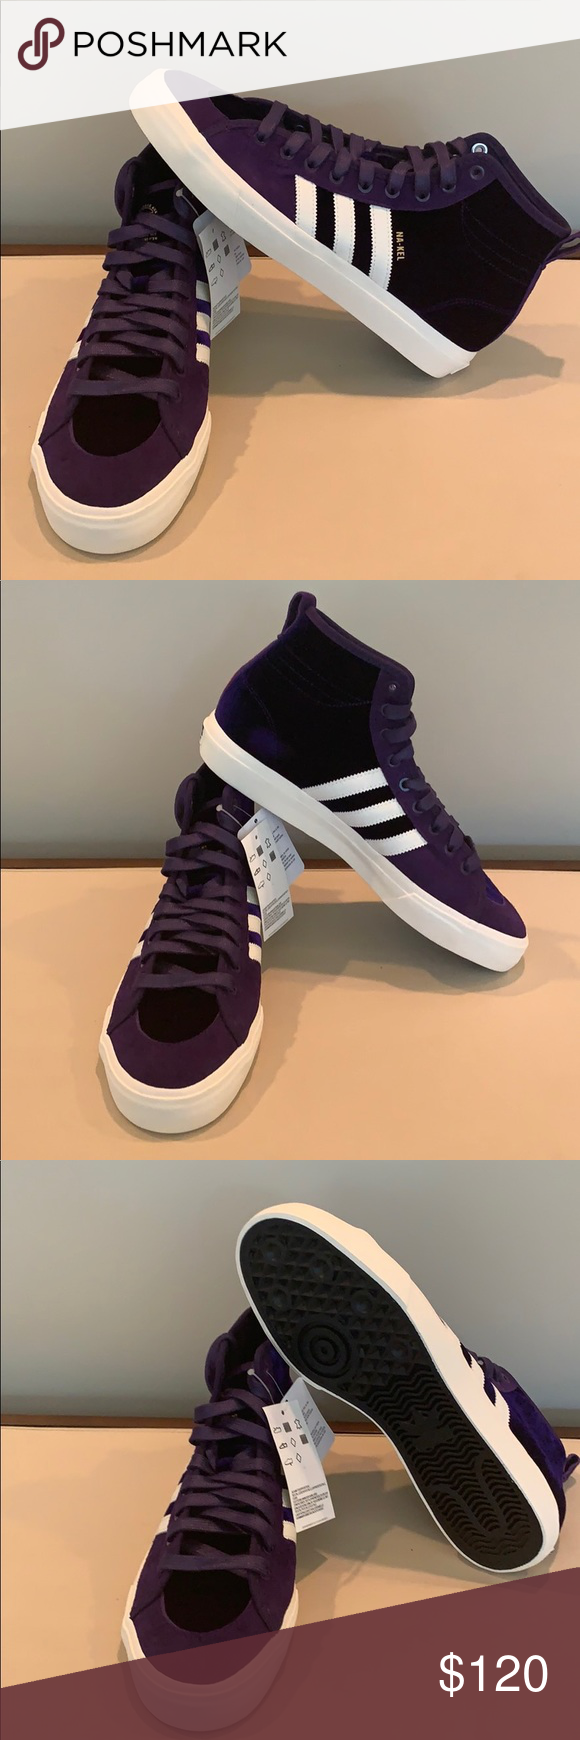 Mens Purple Skate Shoes Adidas Matchcourt Hi RX Na Kel Purple Shoes Purple D Treads